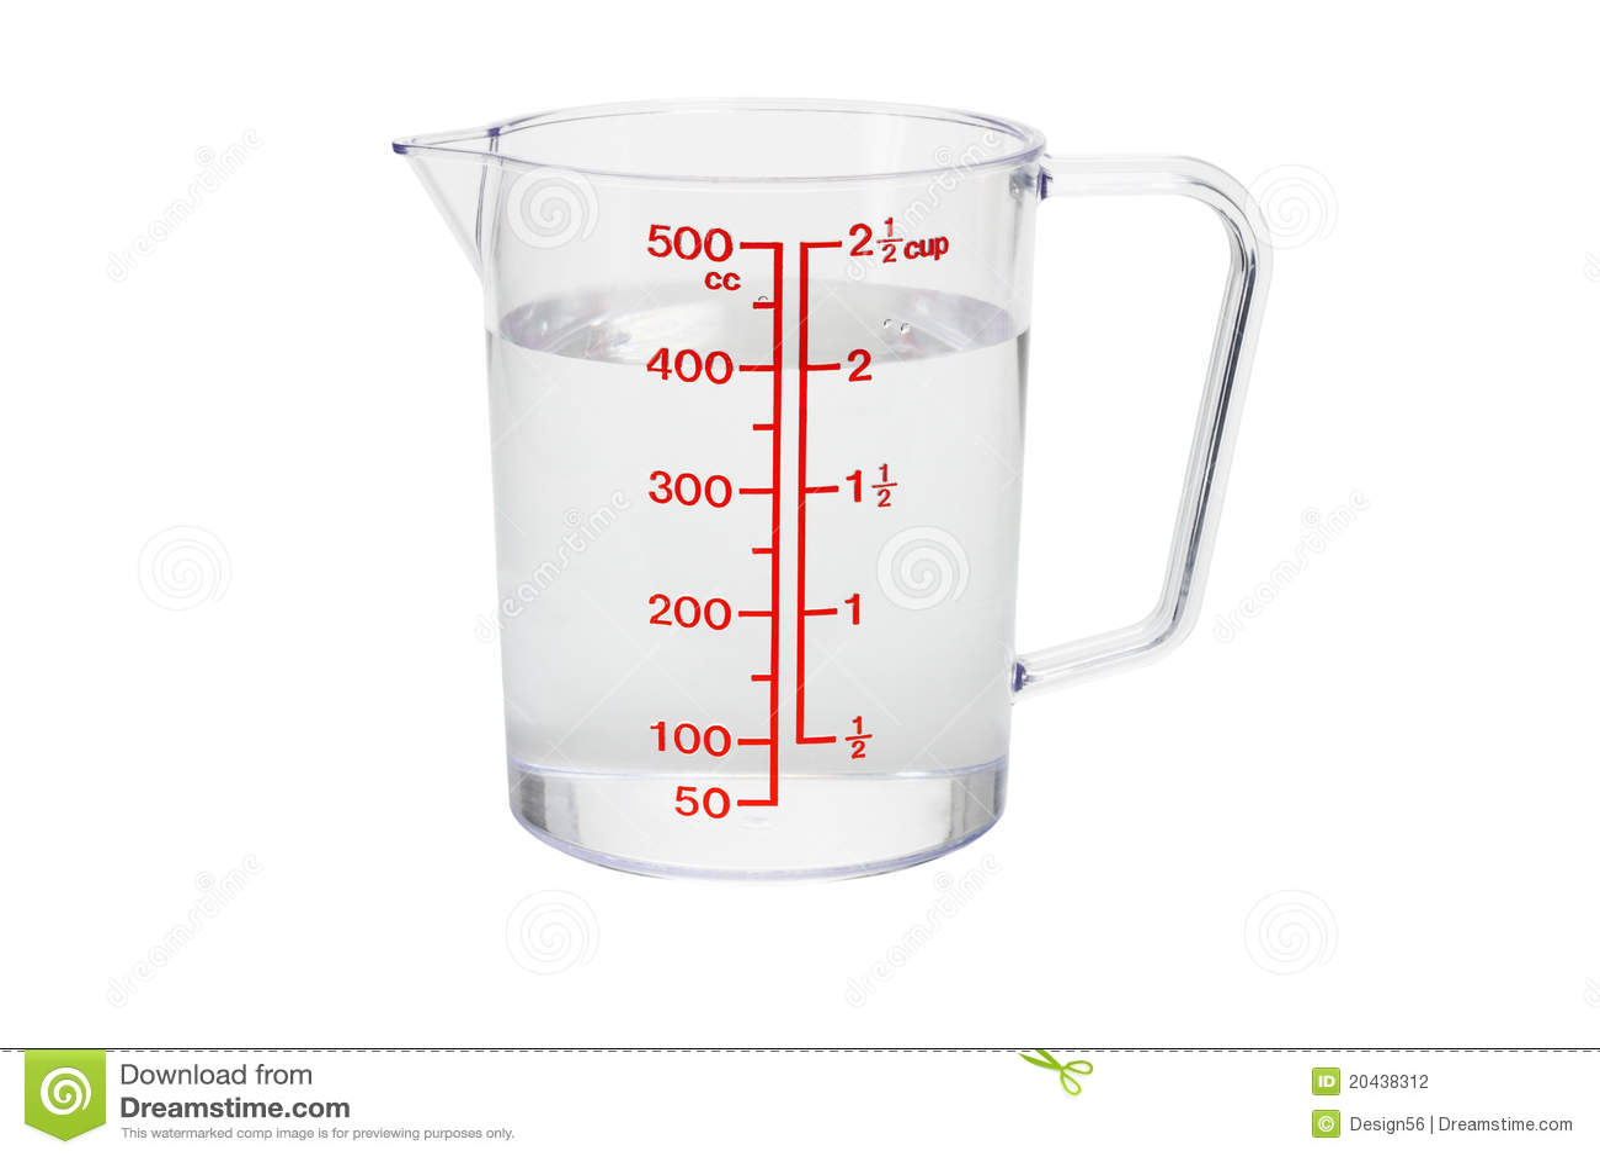 Plastic keuken die kop meet die met water wordt gevuld